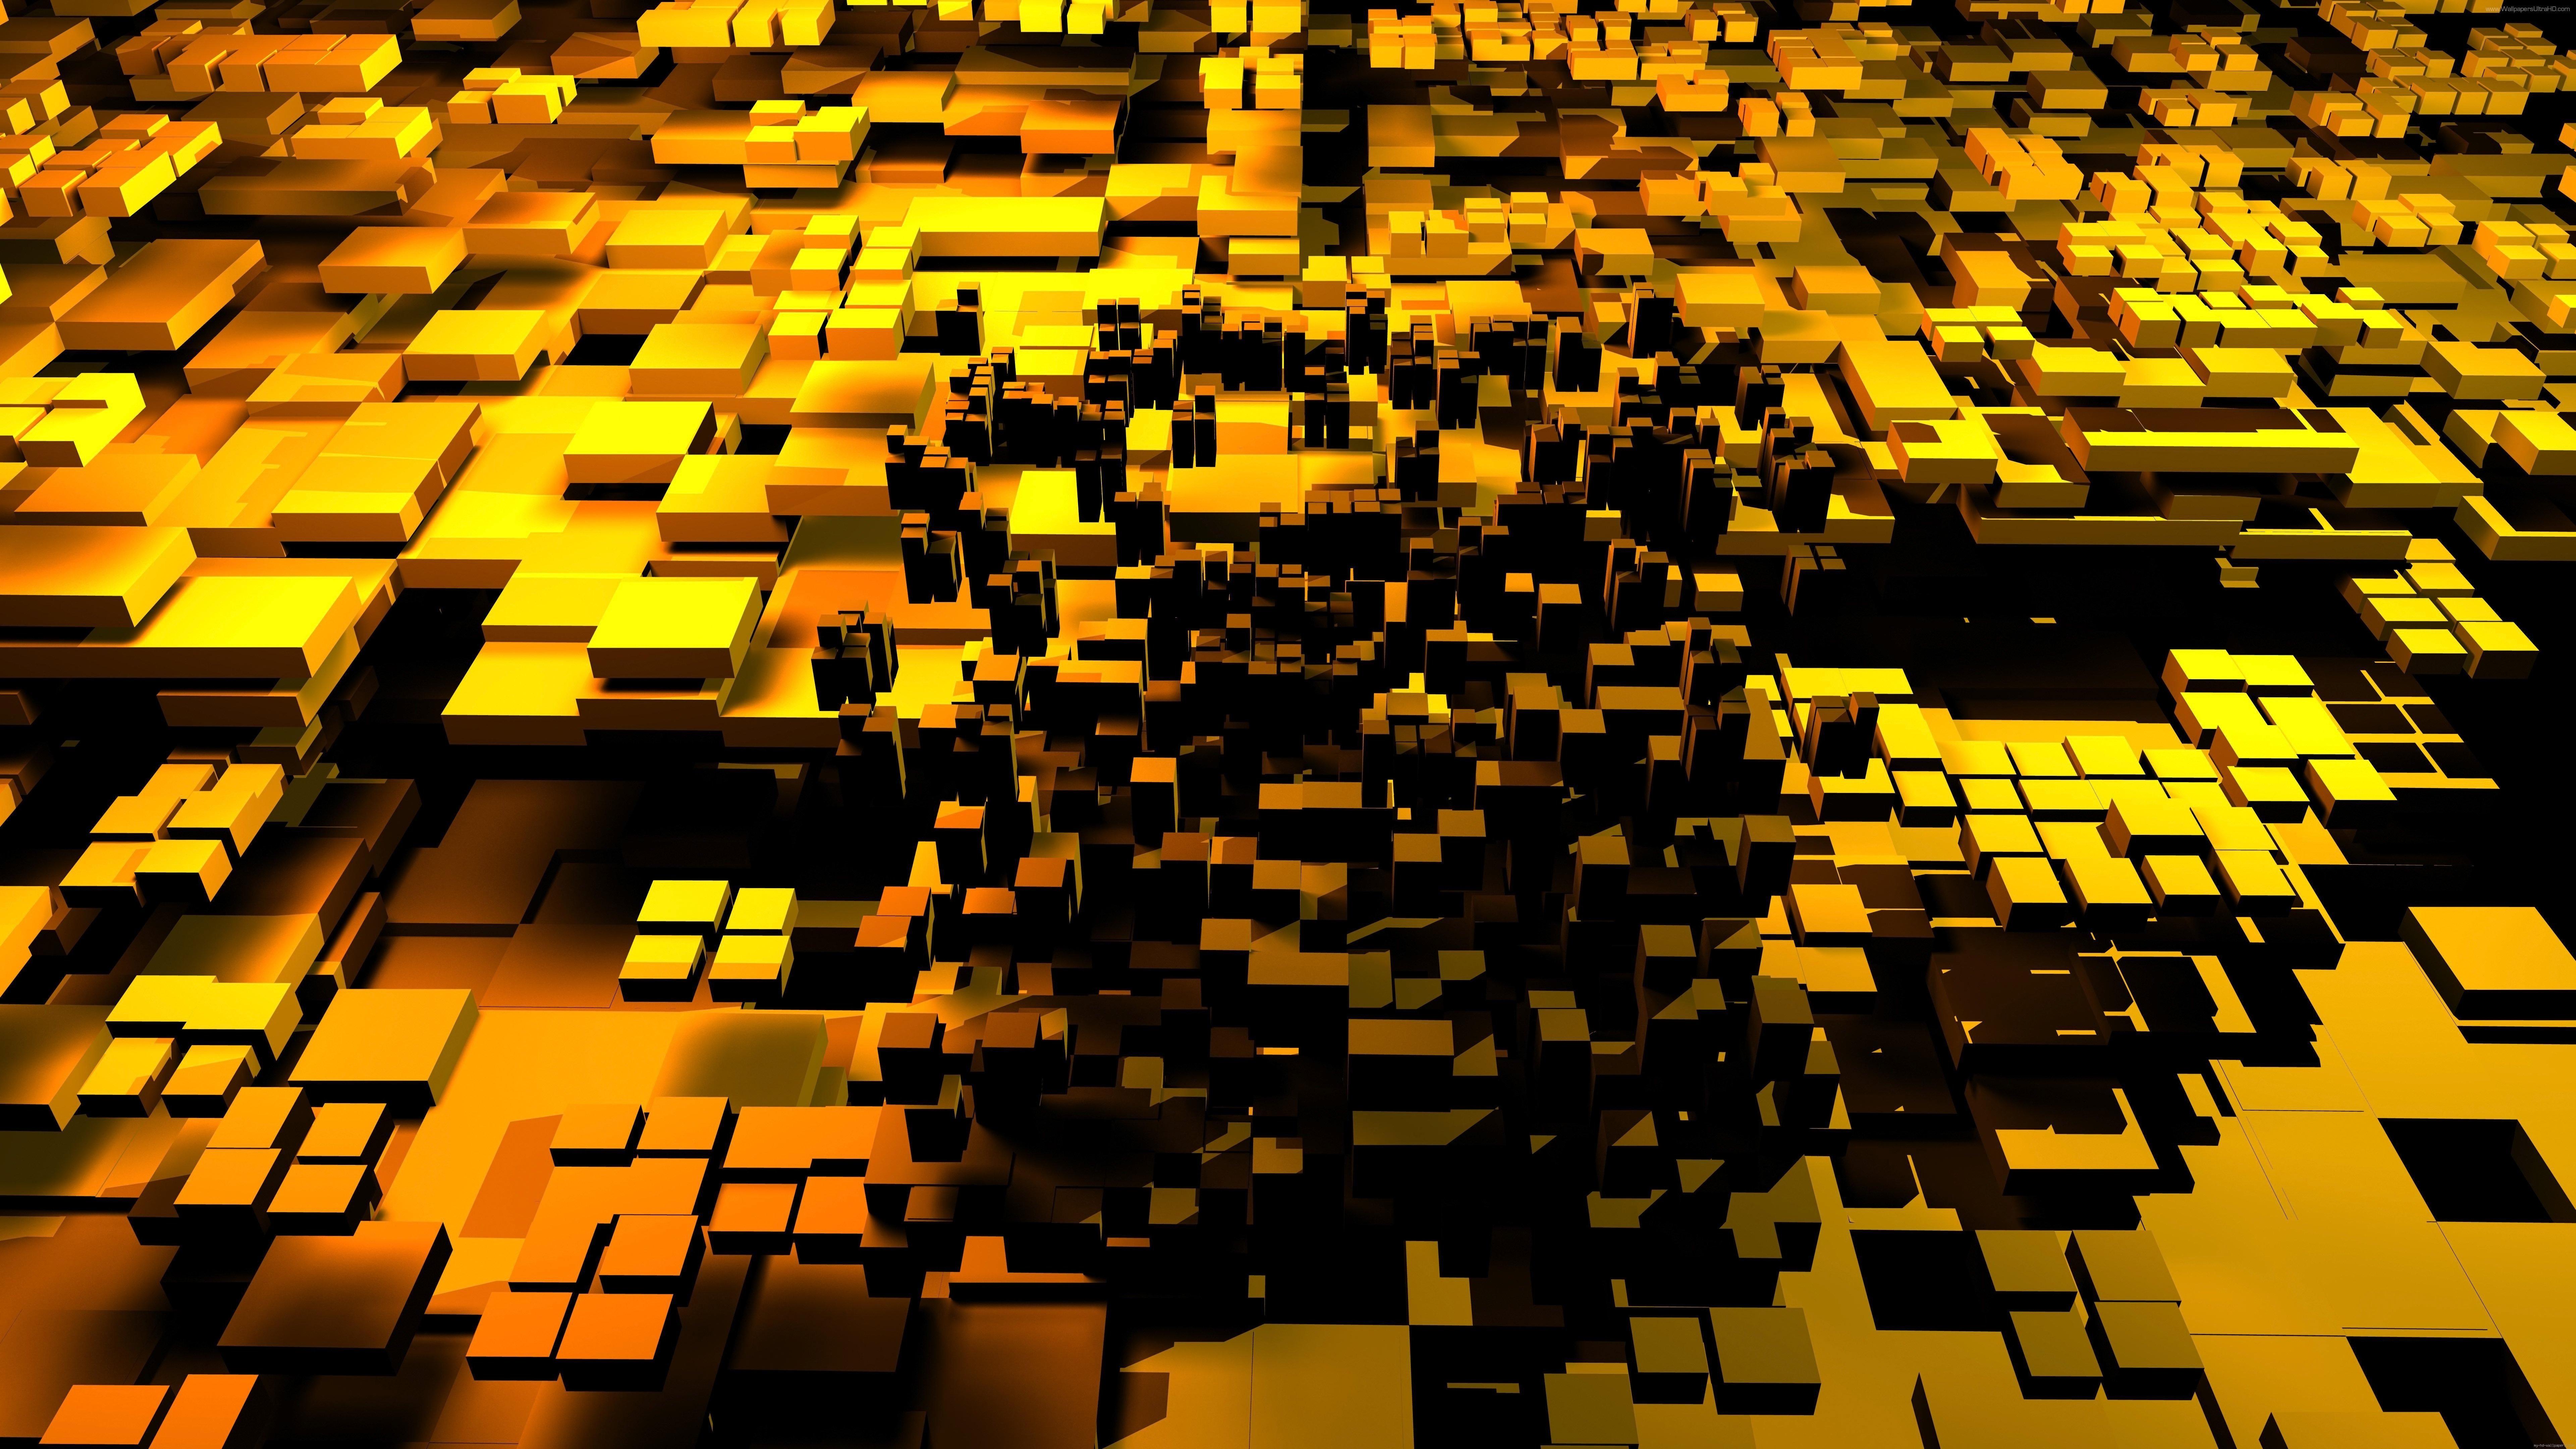 Fondos de pantalla Cubos abstractos dorados 3D